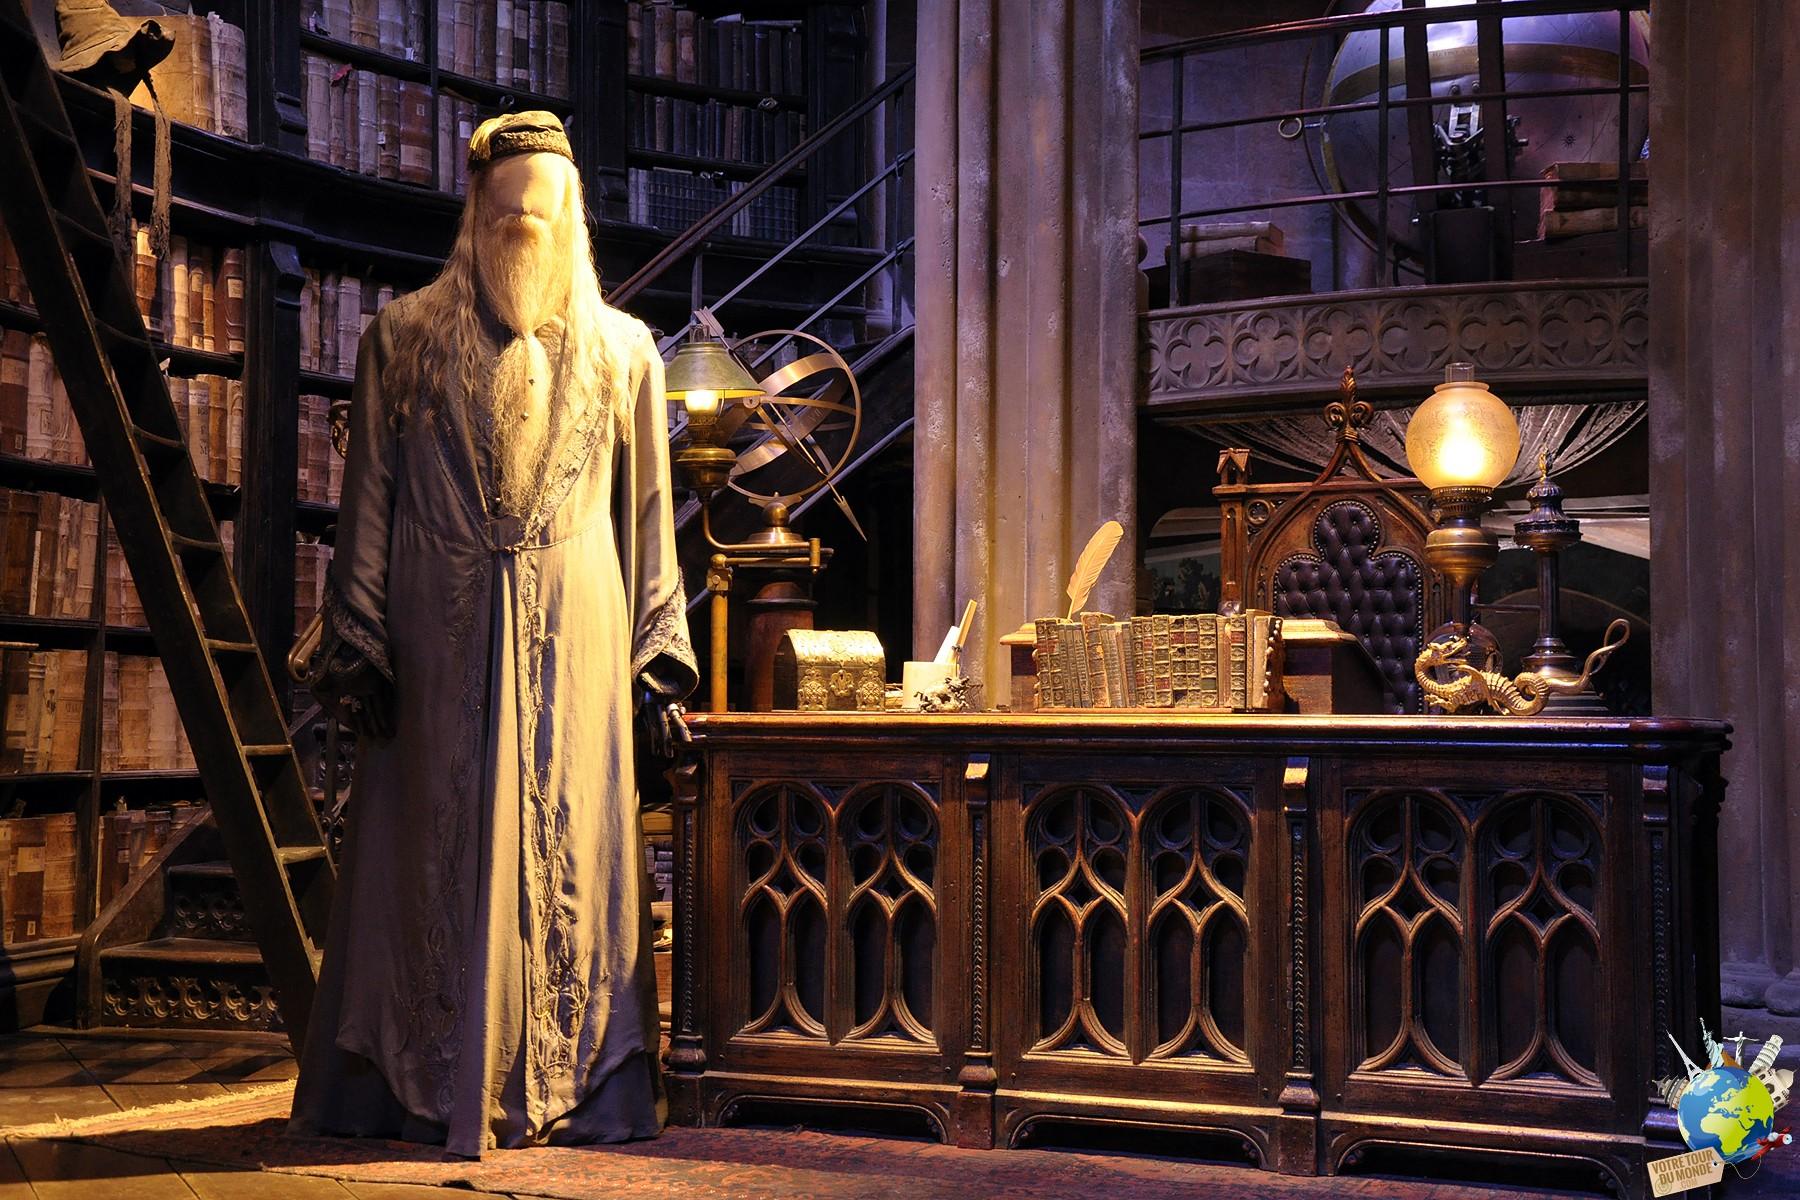 Les décors et costumes du film sont tous dans le parc d'attraction Harry Potter